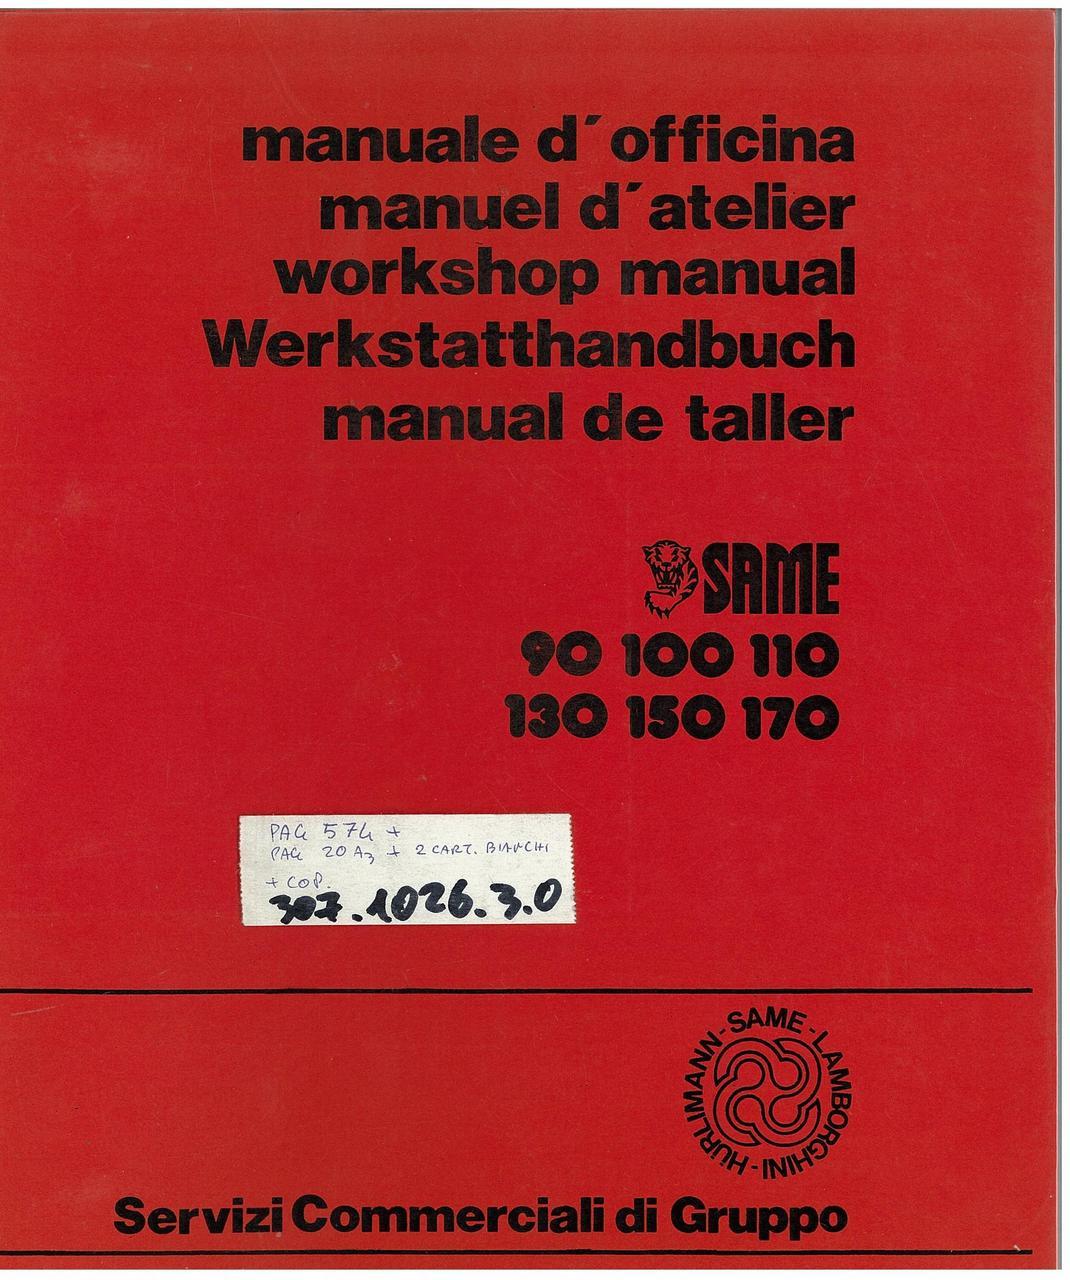 LASER 90-100-110-130-150 - GALAXY 170 - Workshop manual